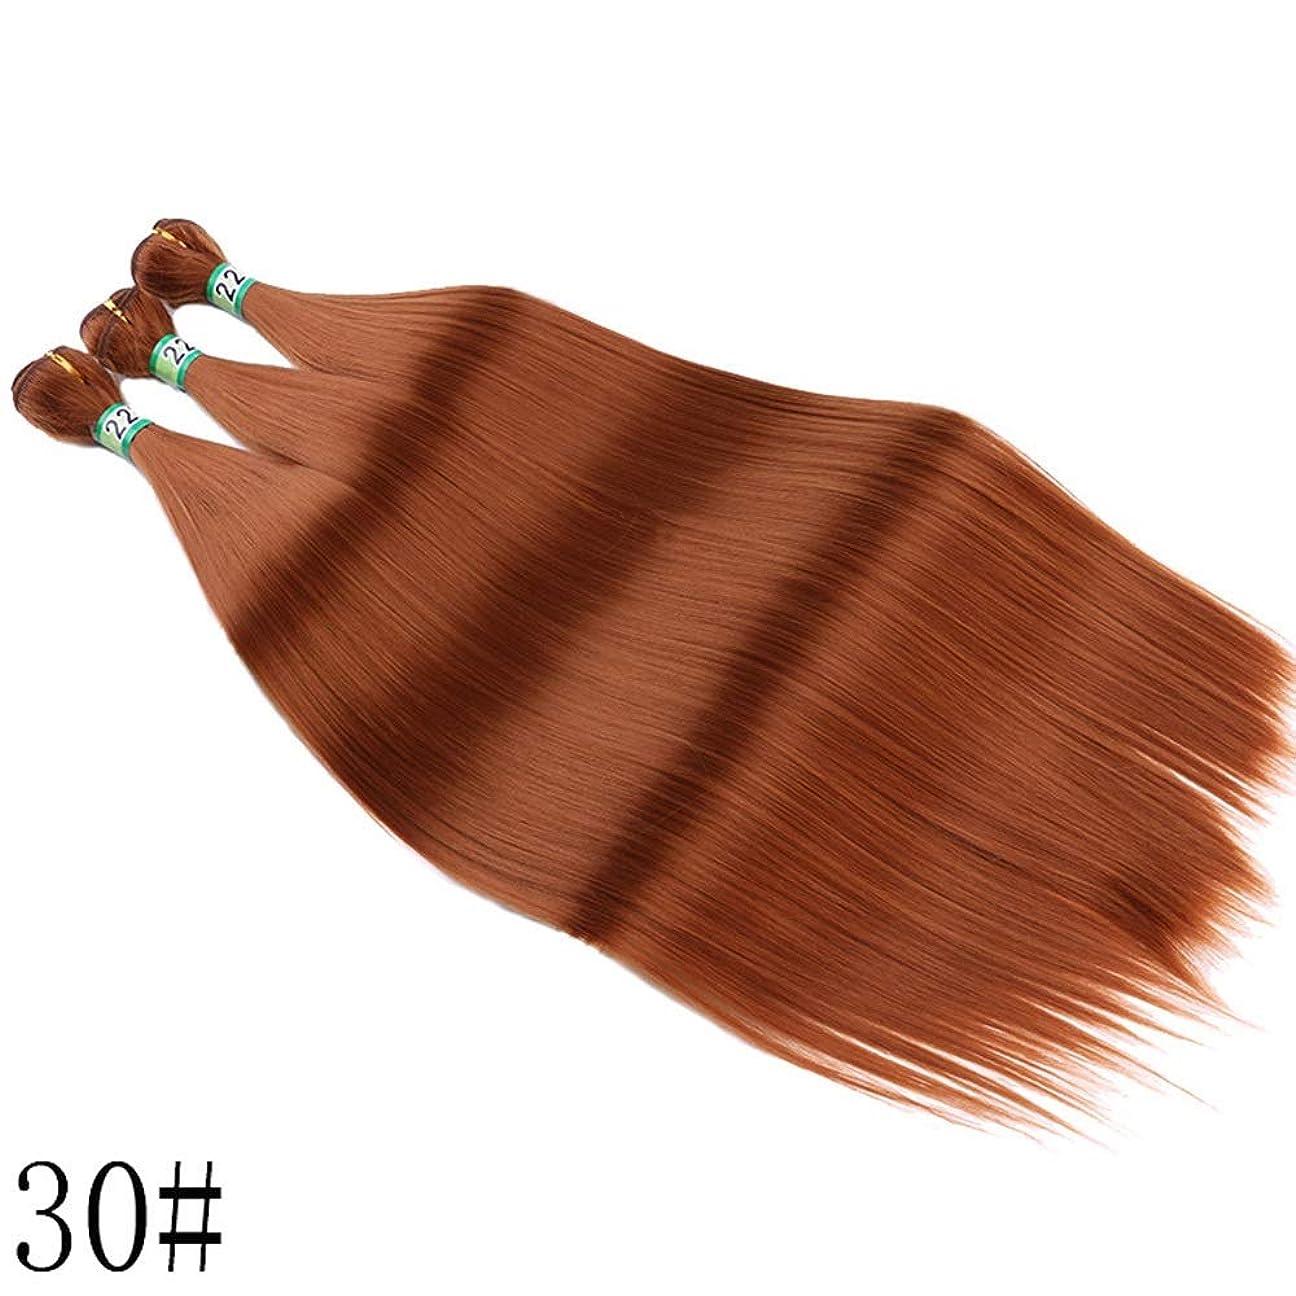 インスタンスベアリングサークルアクティビティYrattary 3バンドル合成髪織りヘアエクステンション女性のための耐熱性繊維シルキーストレートヘアコンポジットヘアレースかつらロールプレイングウィッグロングとショート女性自然 (色 : ブラウン, サイズ : 22inch)